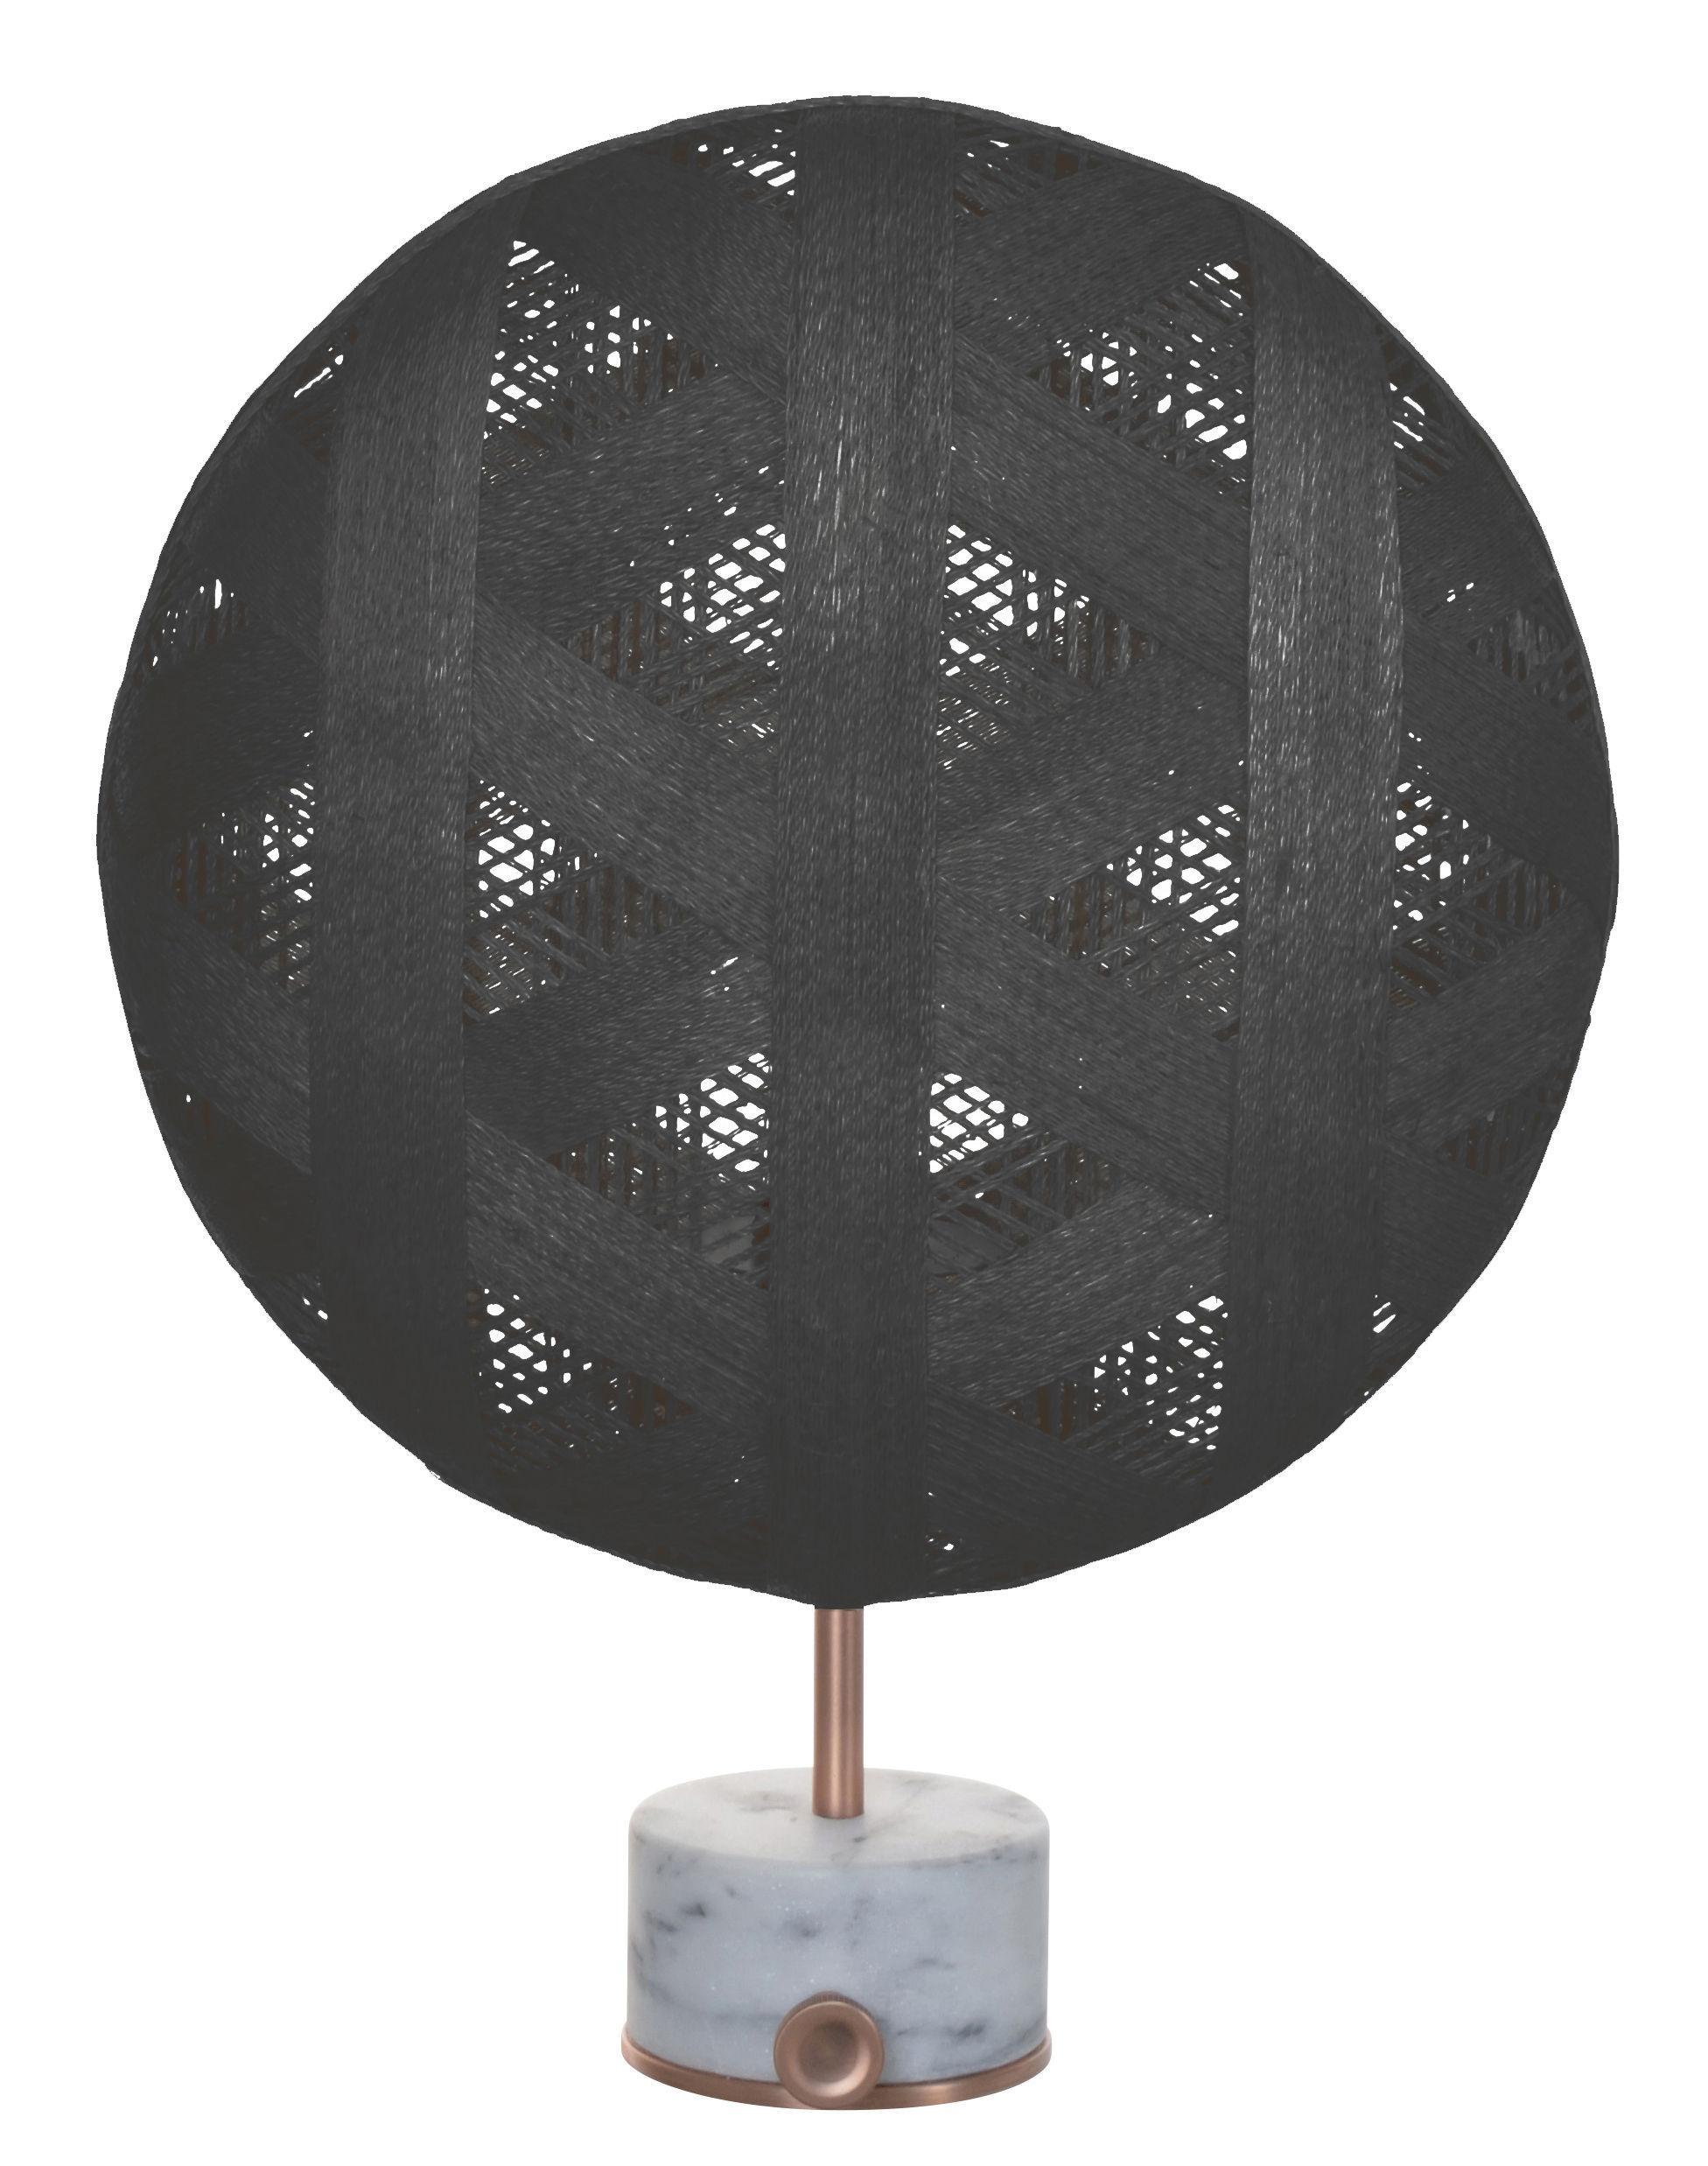 Illuminazione - Lampade da tavolo - Lampada da tavolo Chanpen Hexagon - / Ø 36 cm - Motivo triangolo di Forestier - Nero / Rame - Marmo, Metallo, Tessuto in abaca